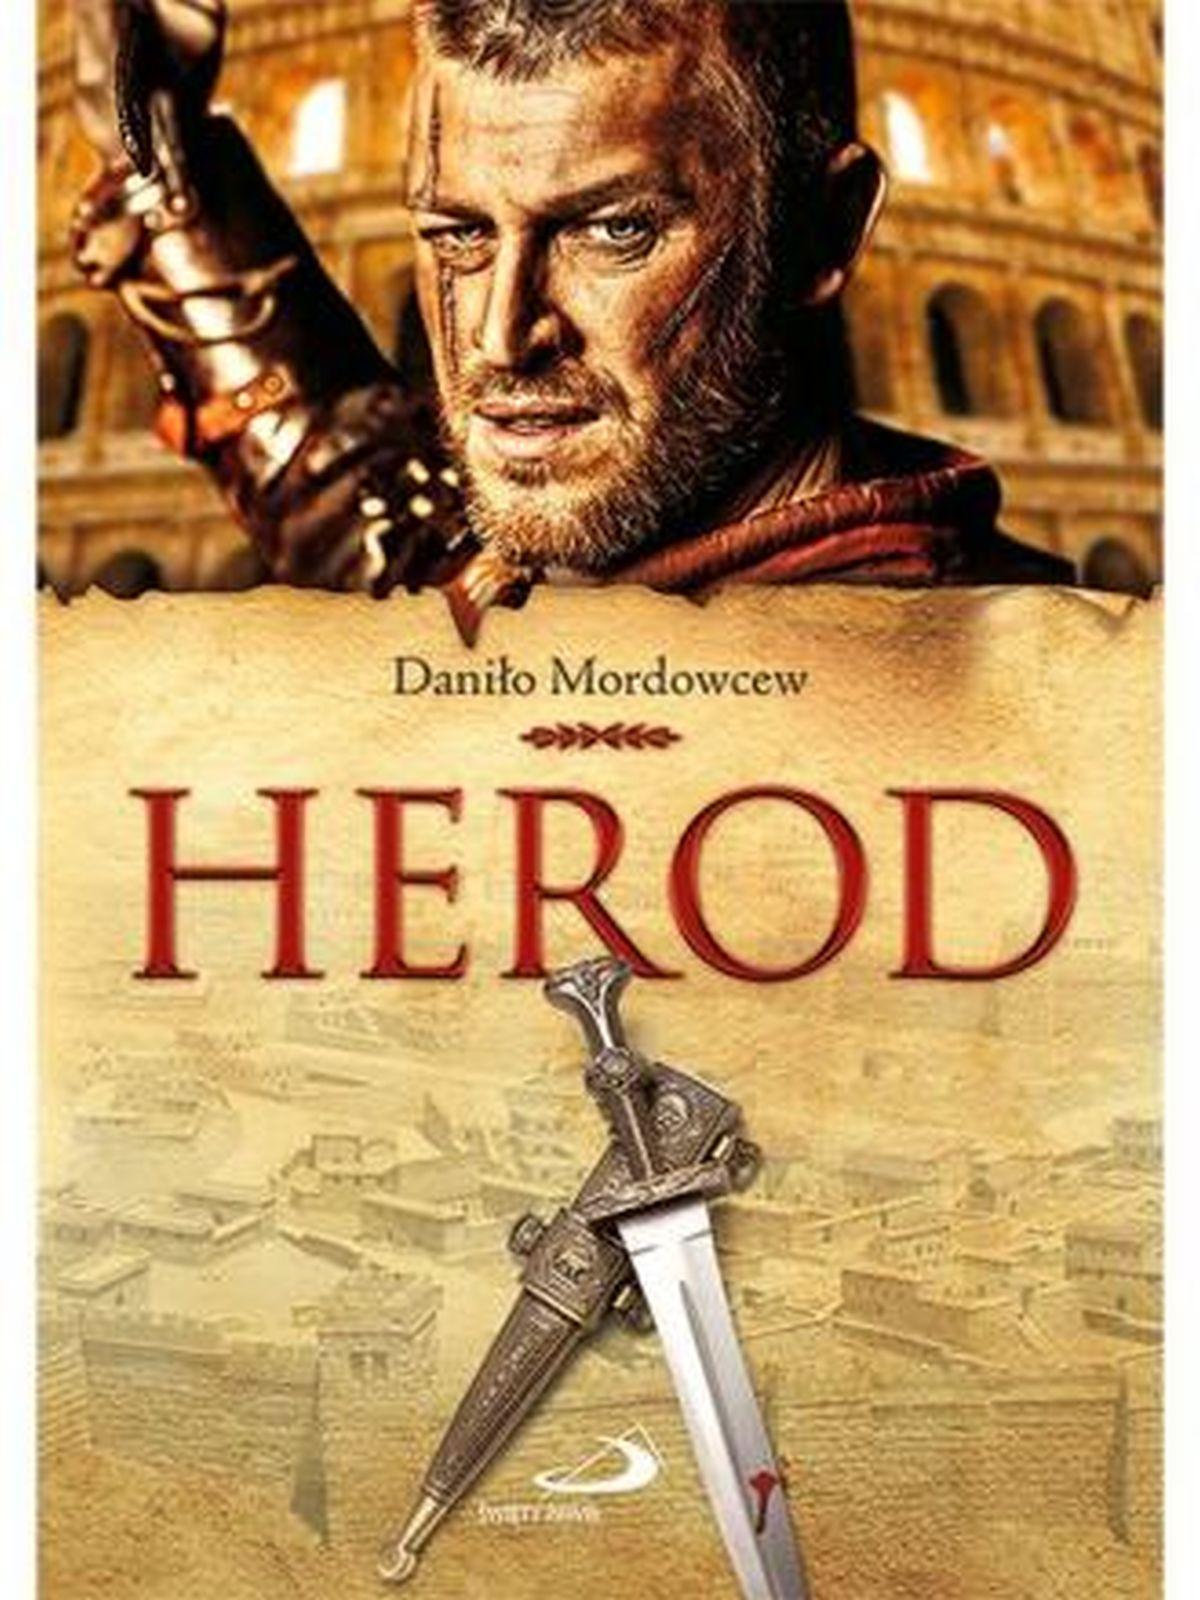 Daniło Mordowcew, Herod